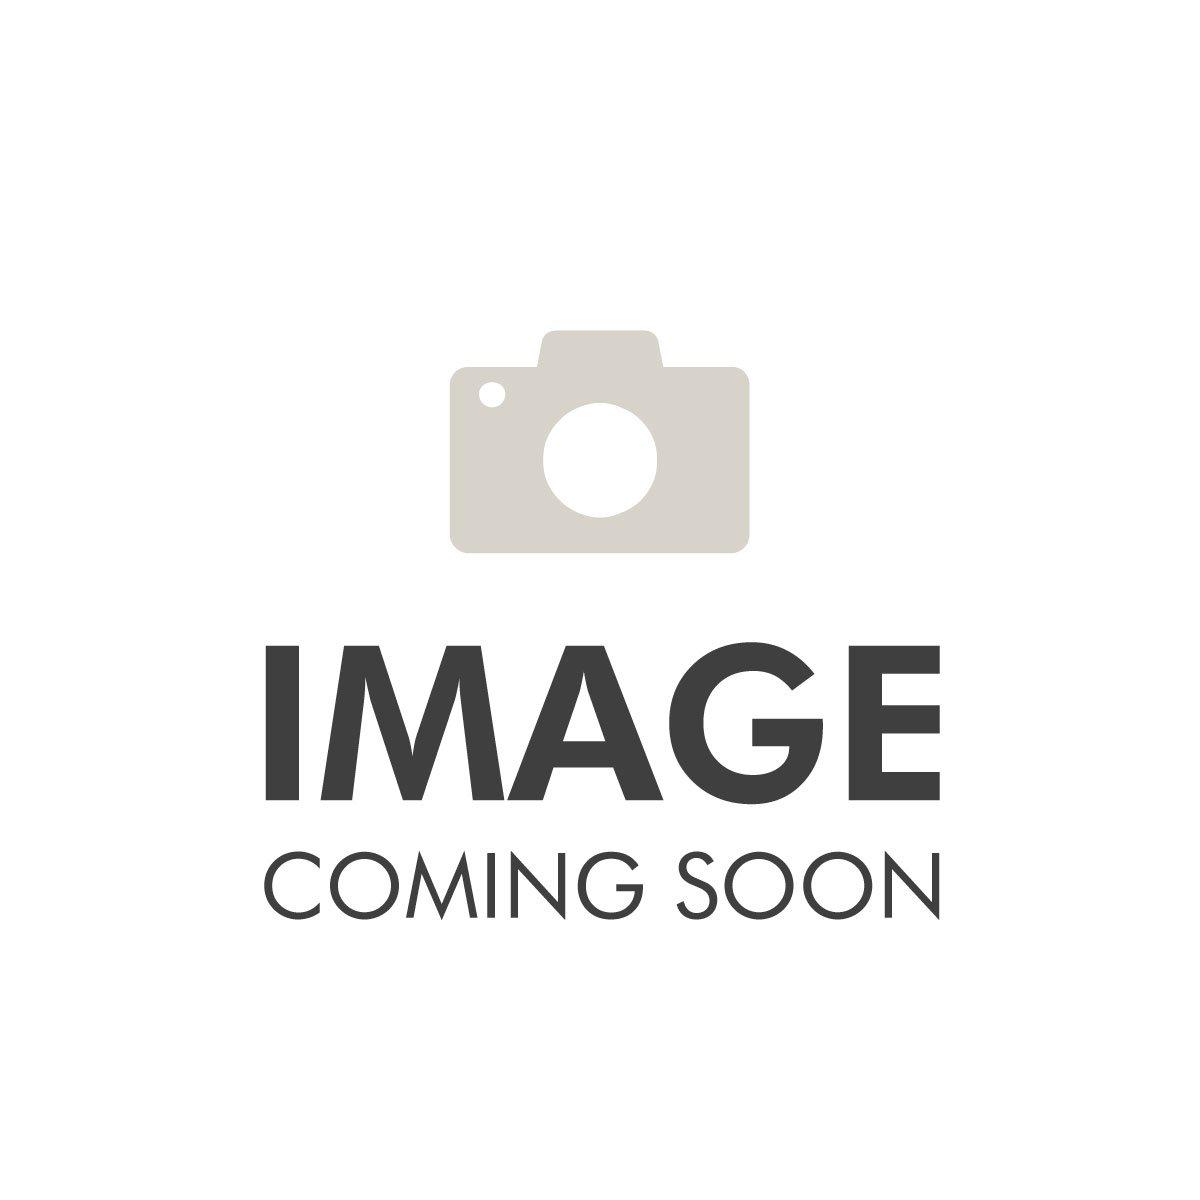 Allstar - Veste de fleuret - Inox - Femme